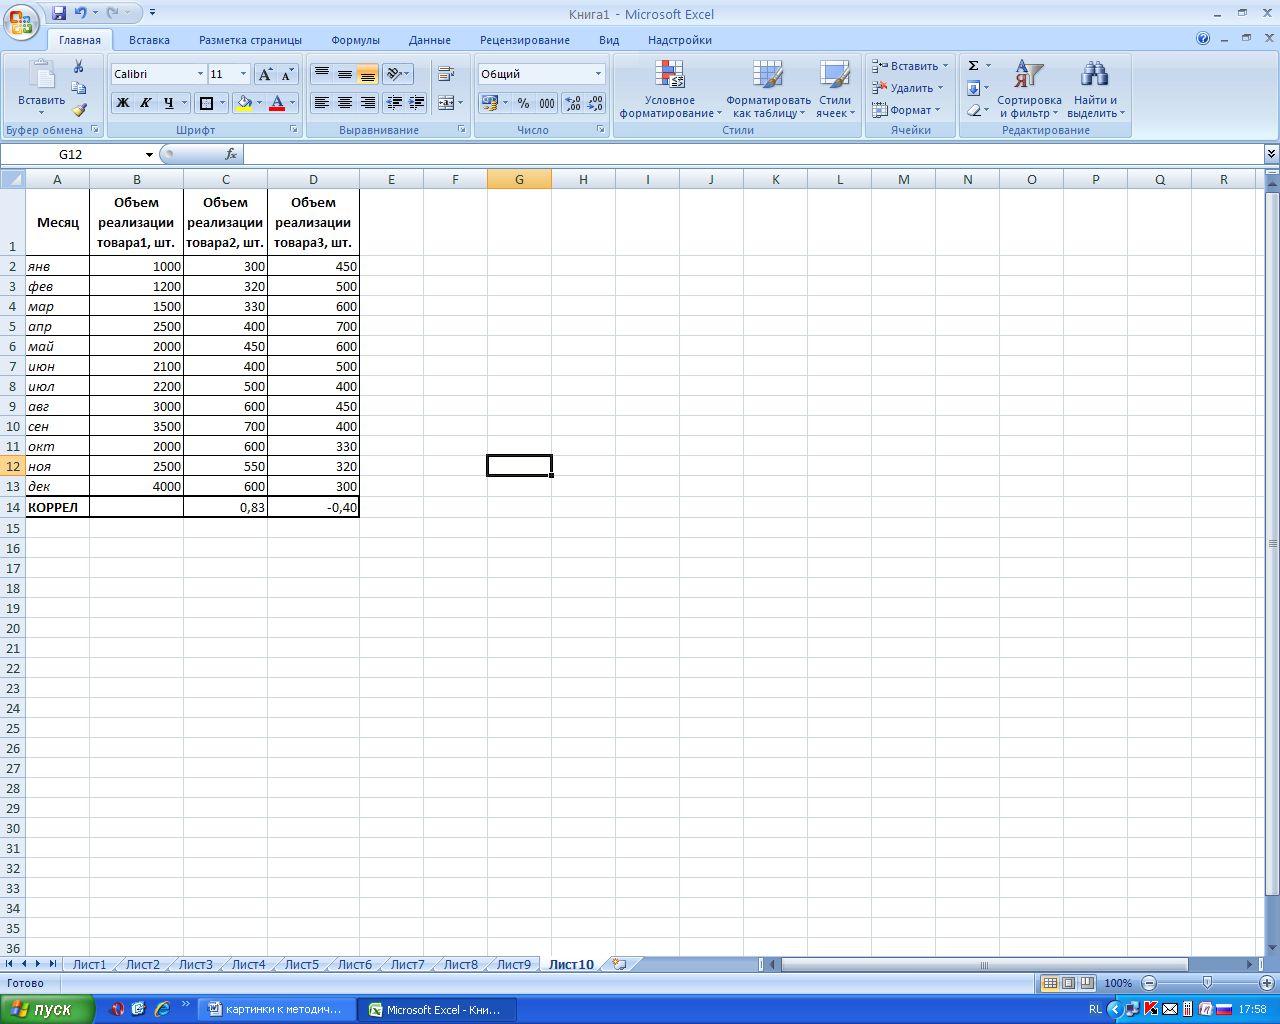 Как рассчитать корреляцию в экселе